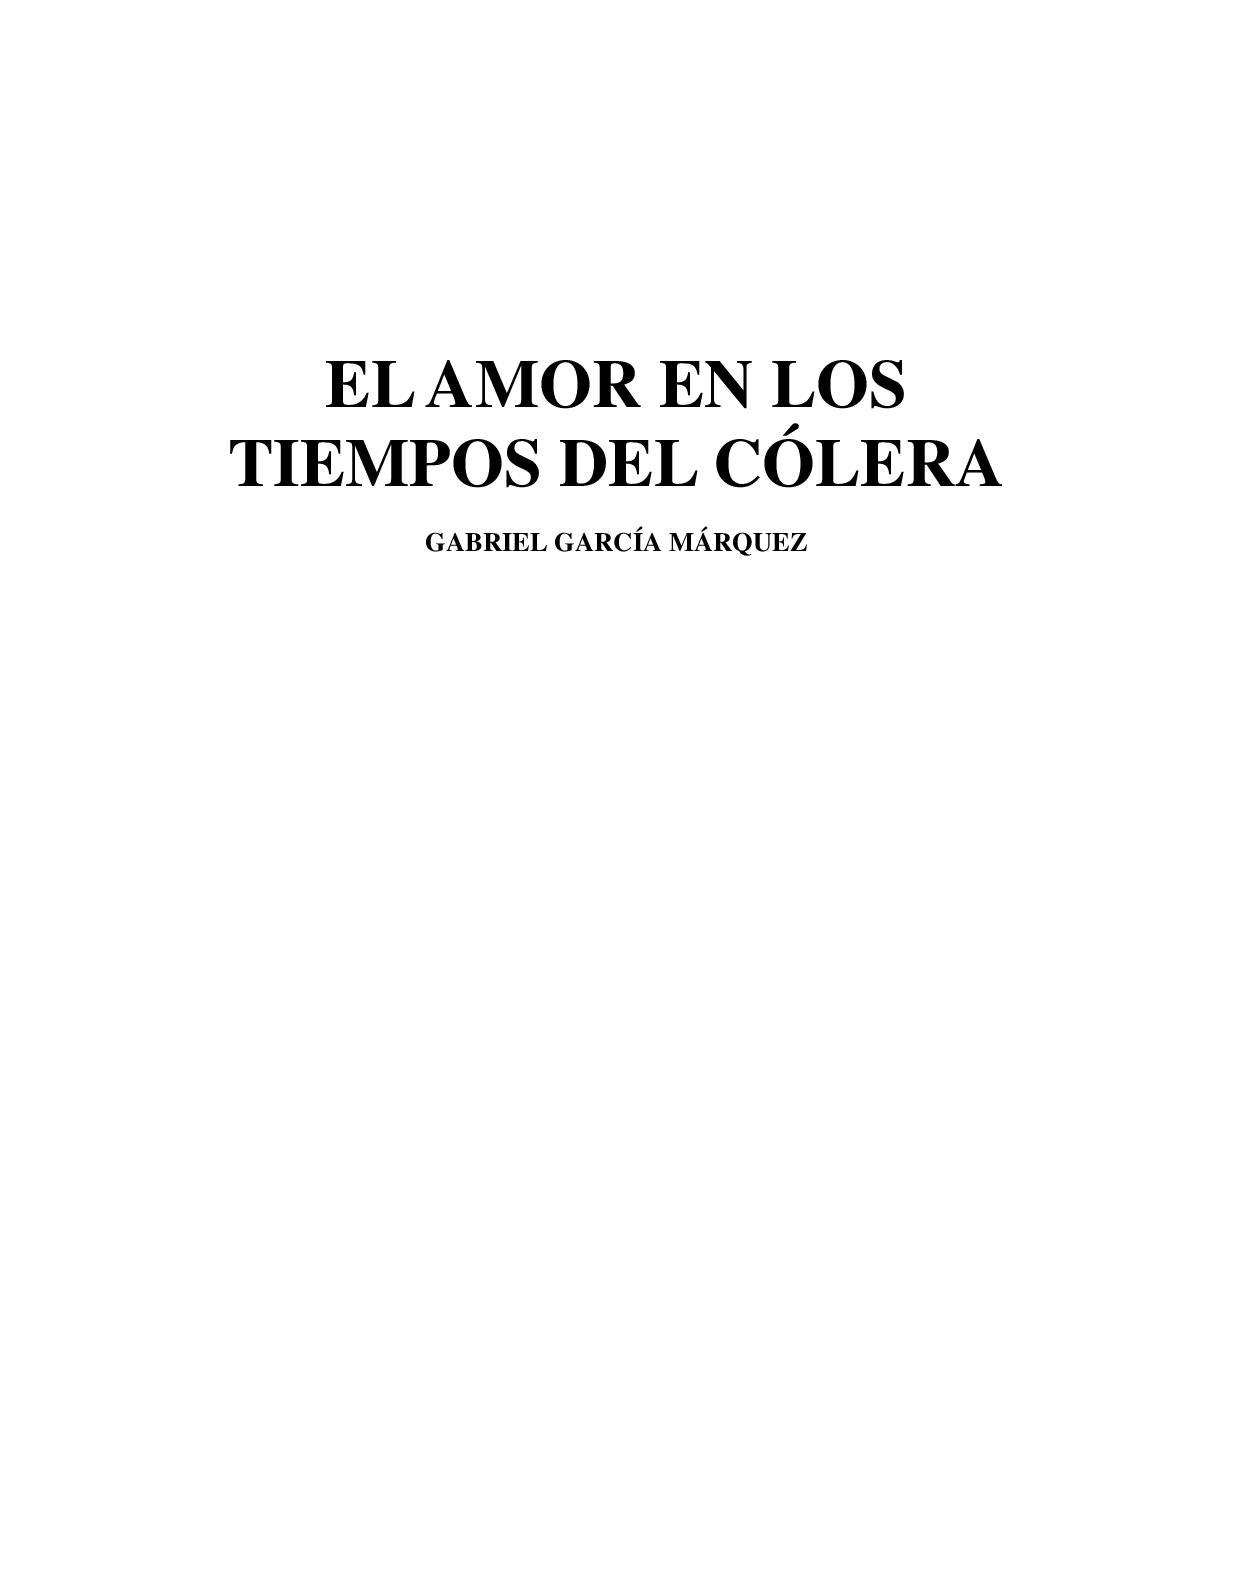 c2de245eedbf Calaméo - El amor de los tiempos de colera